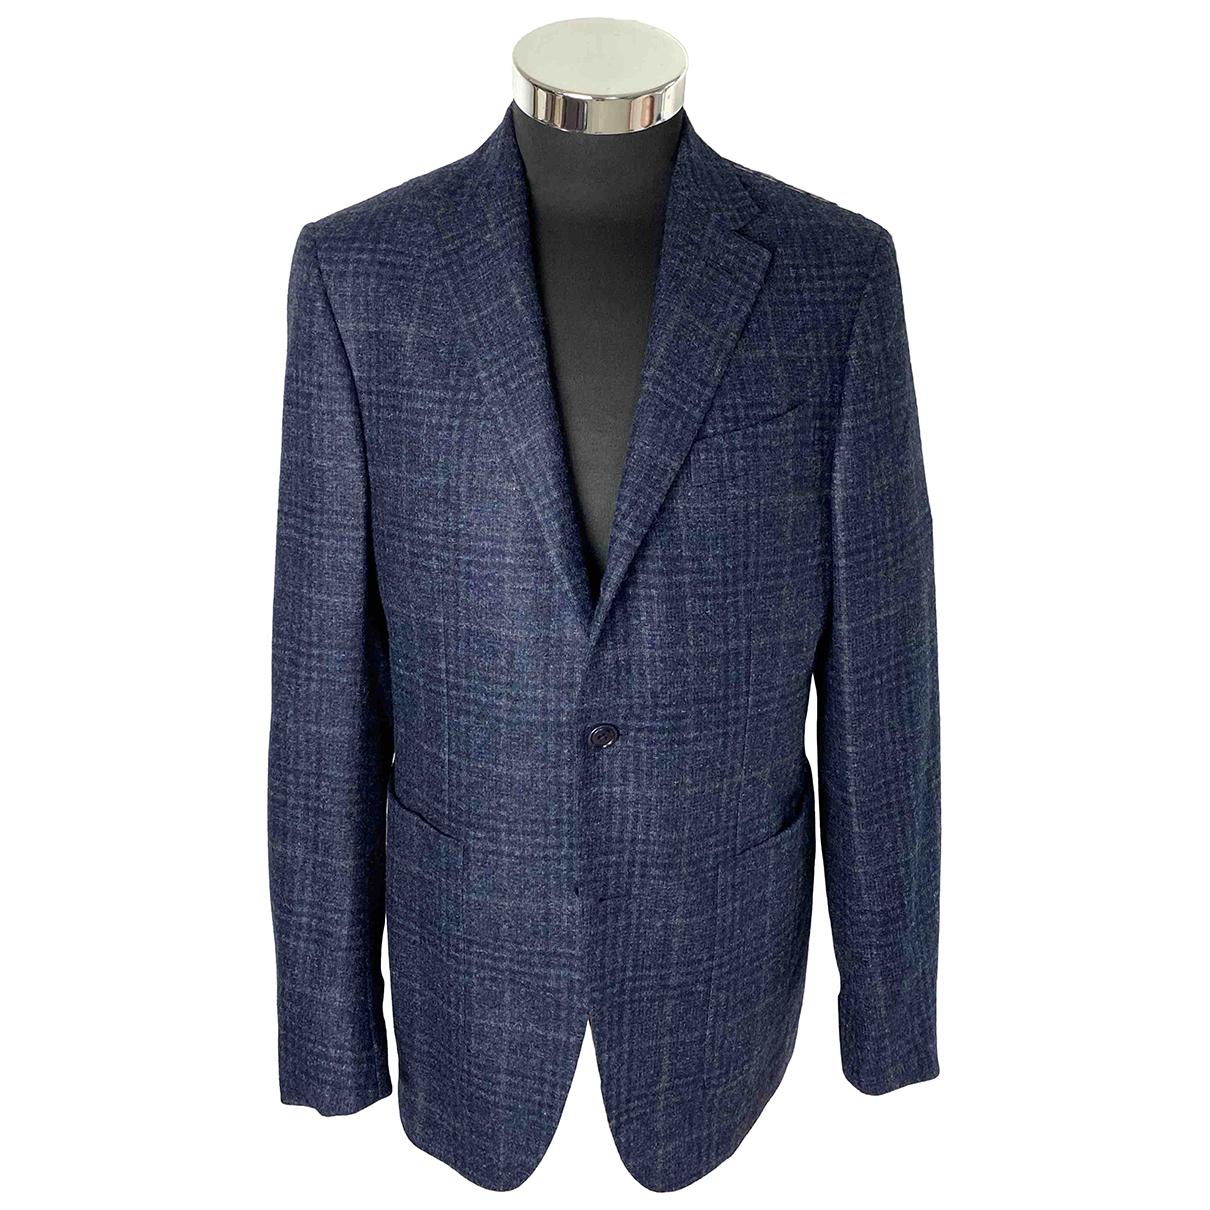 Ermenegildo Zegna - Vestes.Blousons   pour homme en tweed - bleu